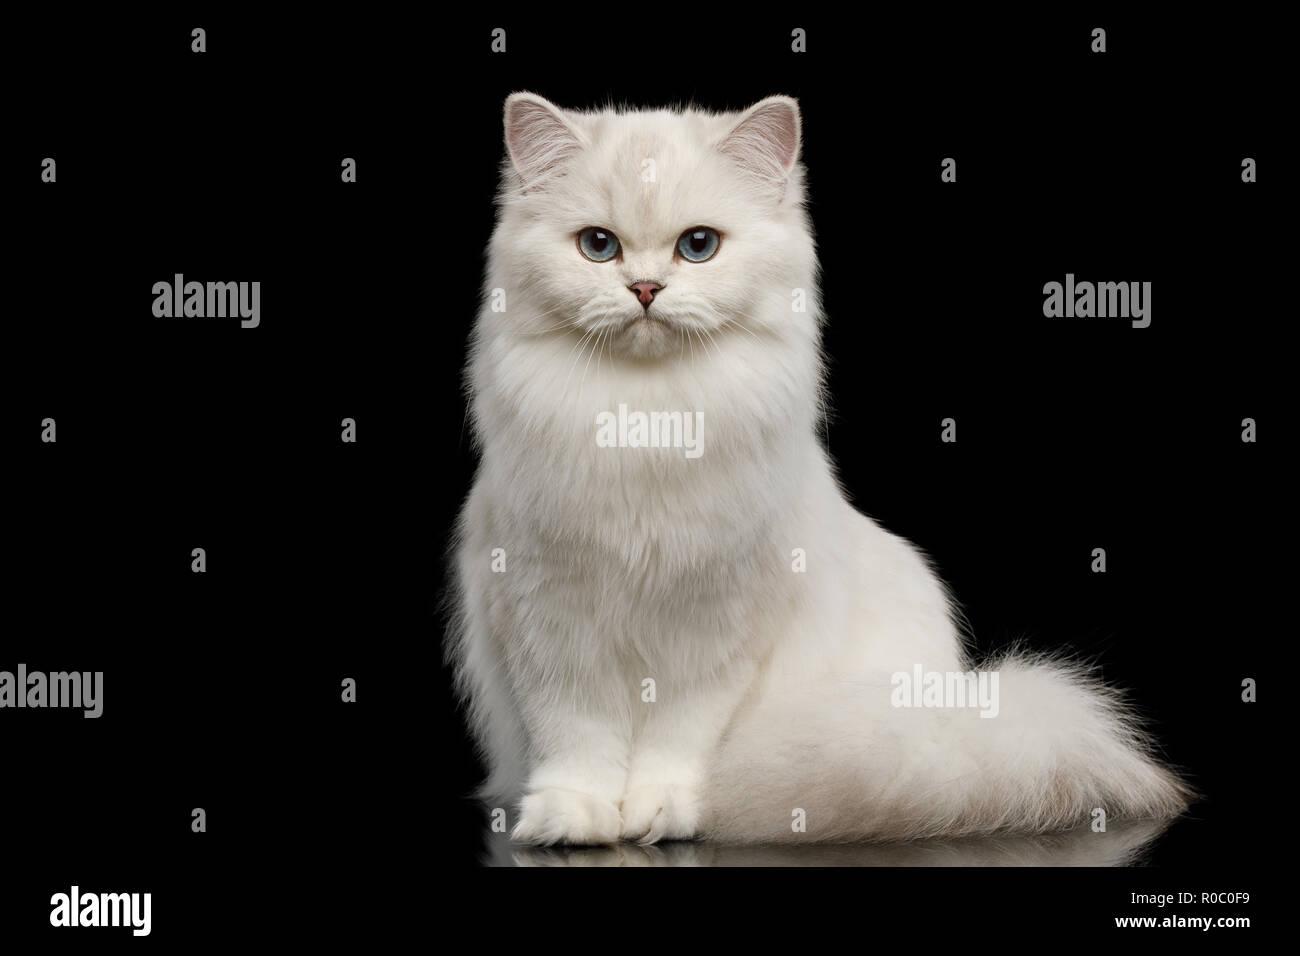 Adorable Gato raza británico de color blanco con ojos azules, sentada y mirando a la cámara aislada sobre fondo negro, vista frontal Imagen De Stock